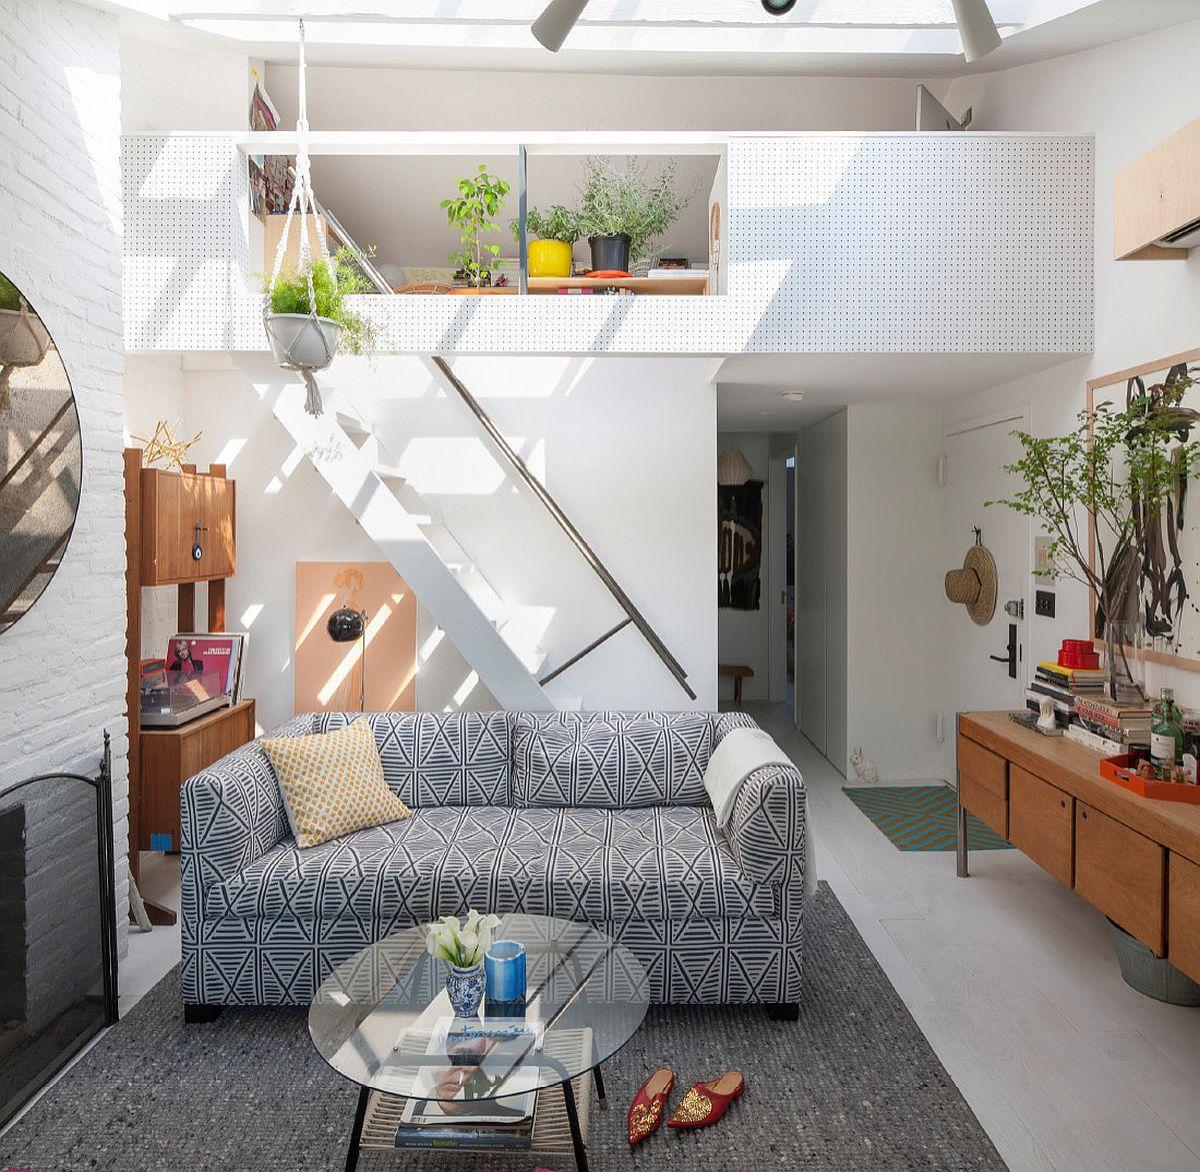 Phòng khách nhỏ xíu vẫn đẹp hoàn hảo nhờ kinh nghiệm lựa chọn sofa phù hợp - Ảnh 12.